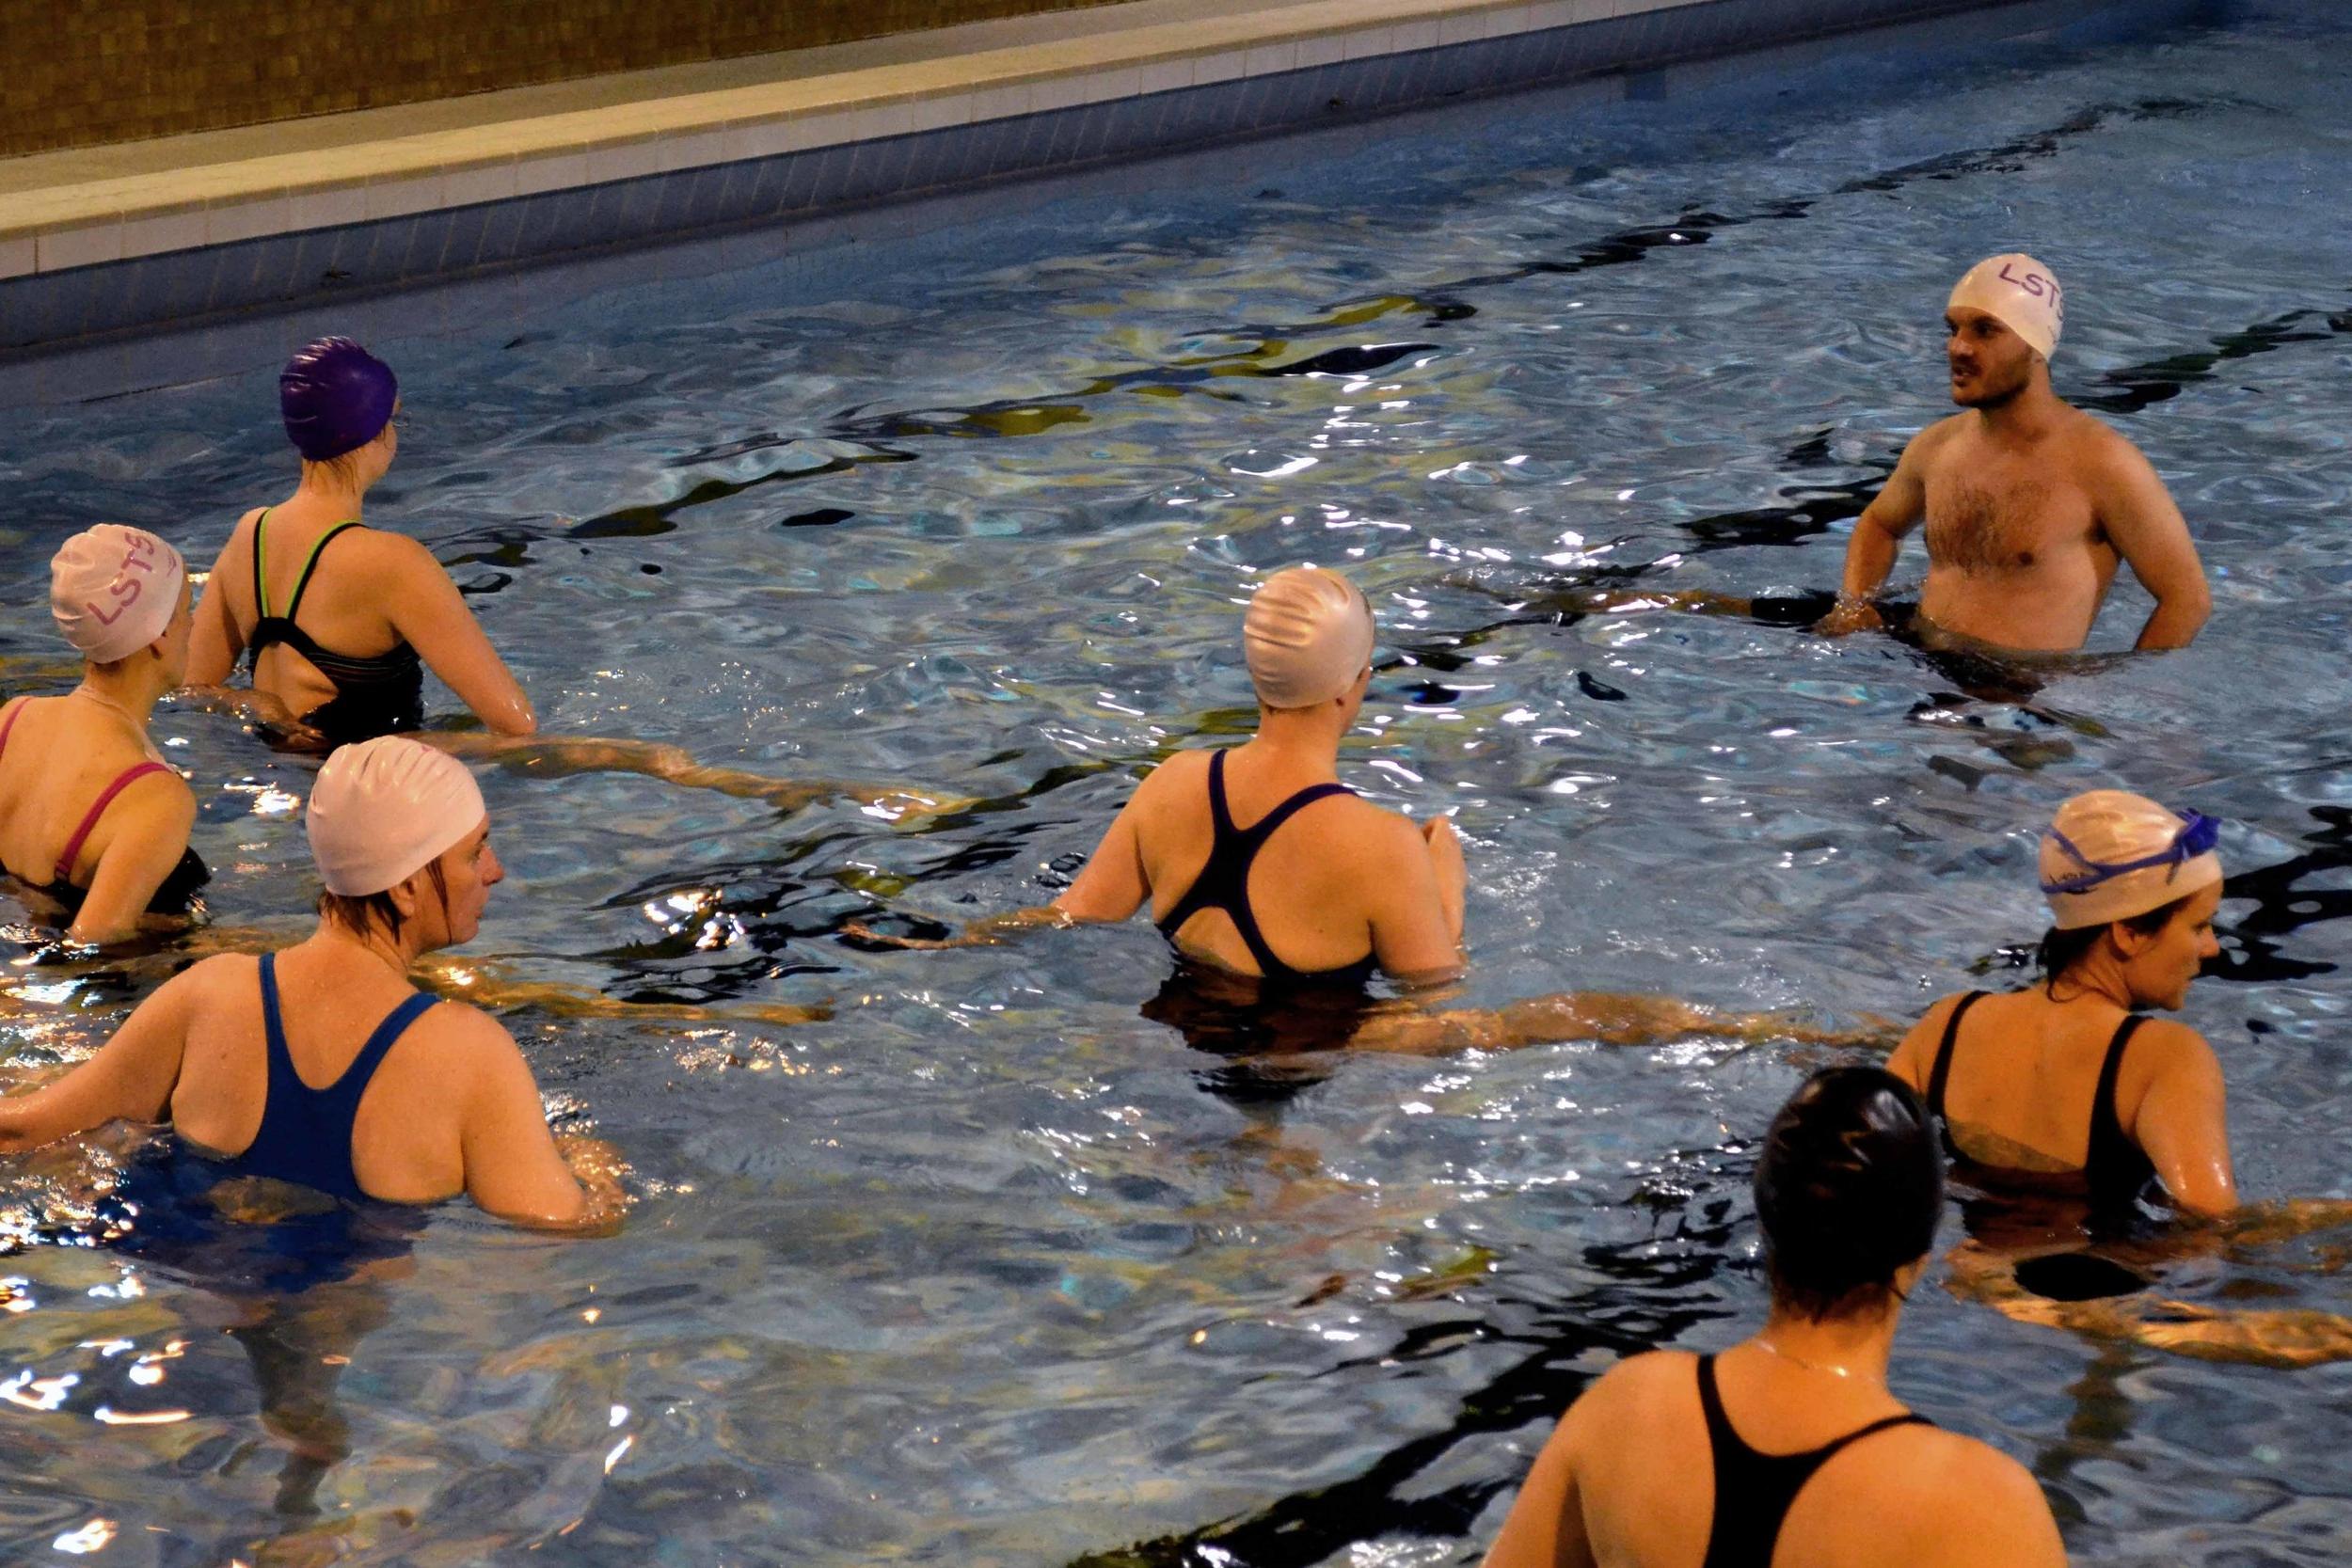 Dans l'eau... - Le cours débute par quinze minutes de cardio. Nous passons ensuite au corps de la séance : course pour affiner les jambes et exercices pour les bras et lesabdominaux. Enfin, nous terminons par un temps de relaxation d'une minute trente suivi d'étirements pendant trois à cinq minutes.À chaque séance, des variantes pour différents exercices vous sont proposées afin de s'adapter aux capacités de chacun.